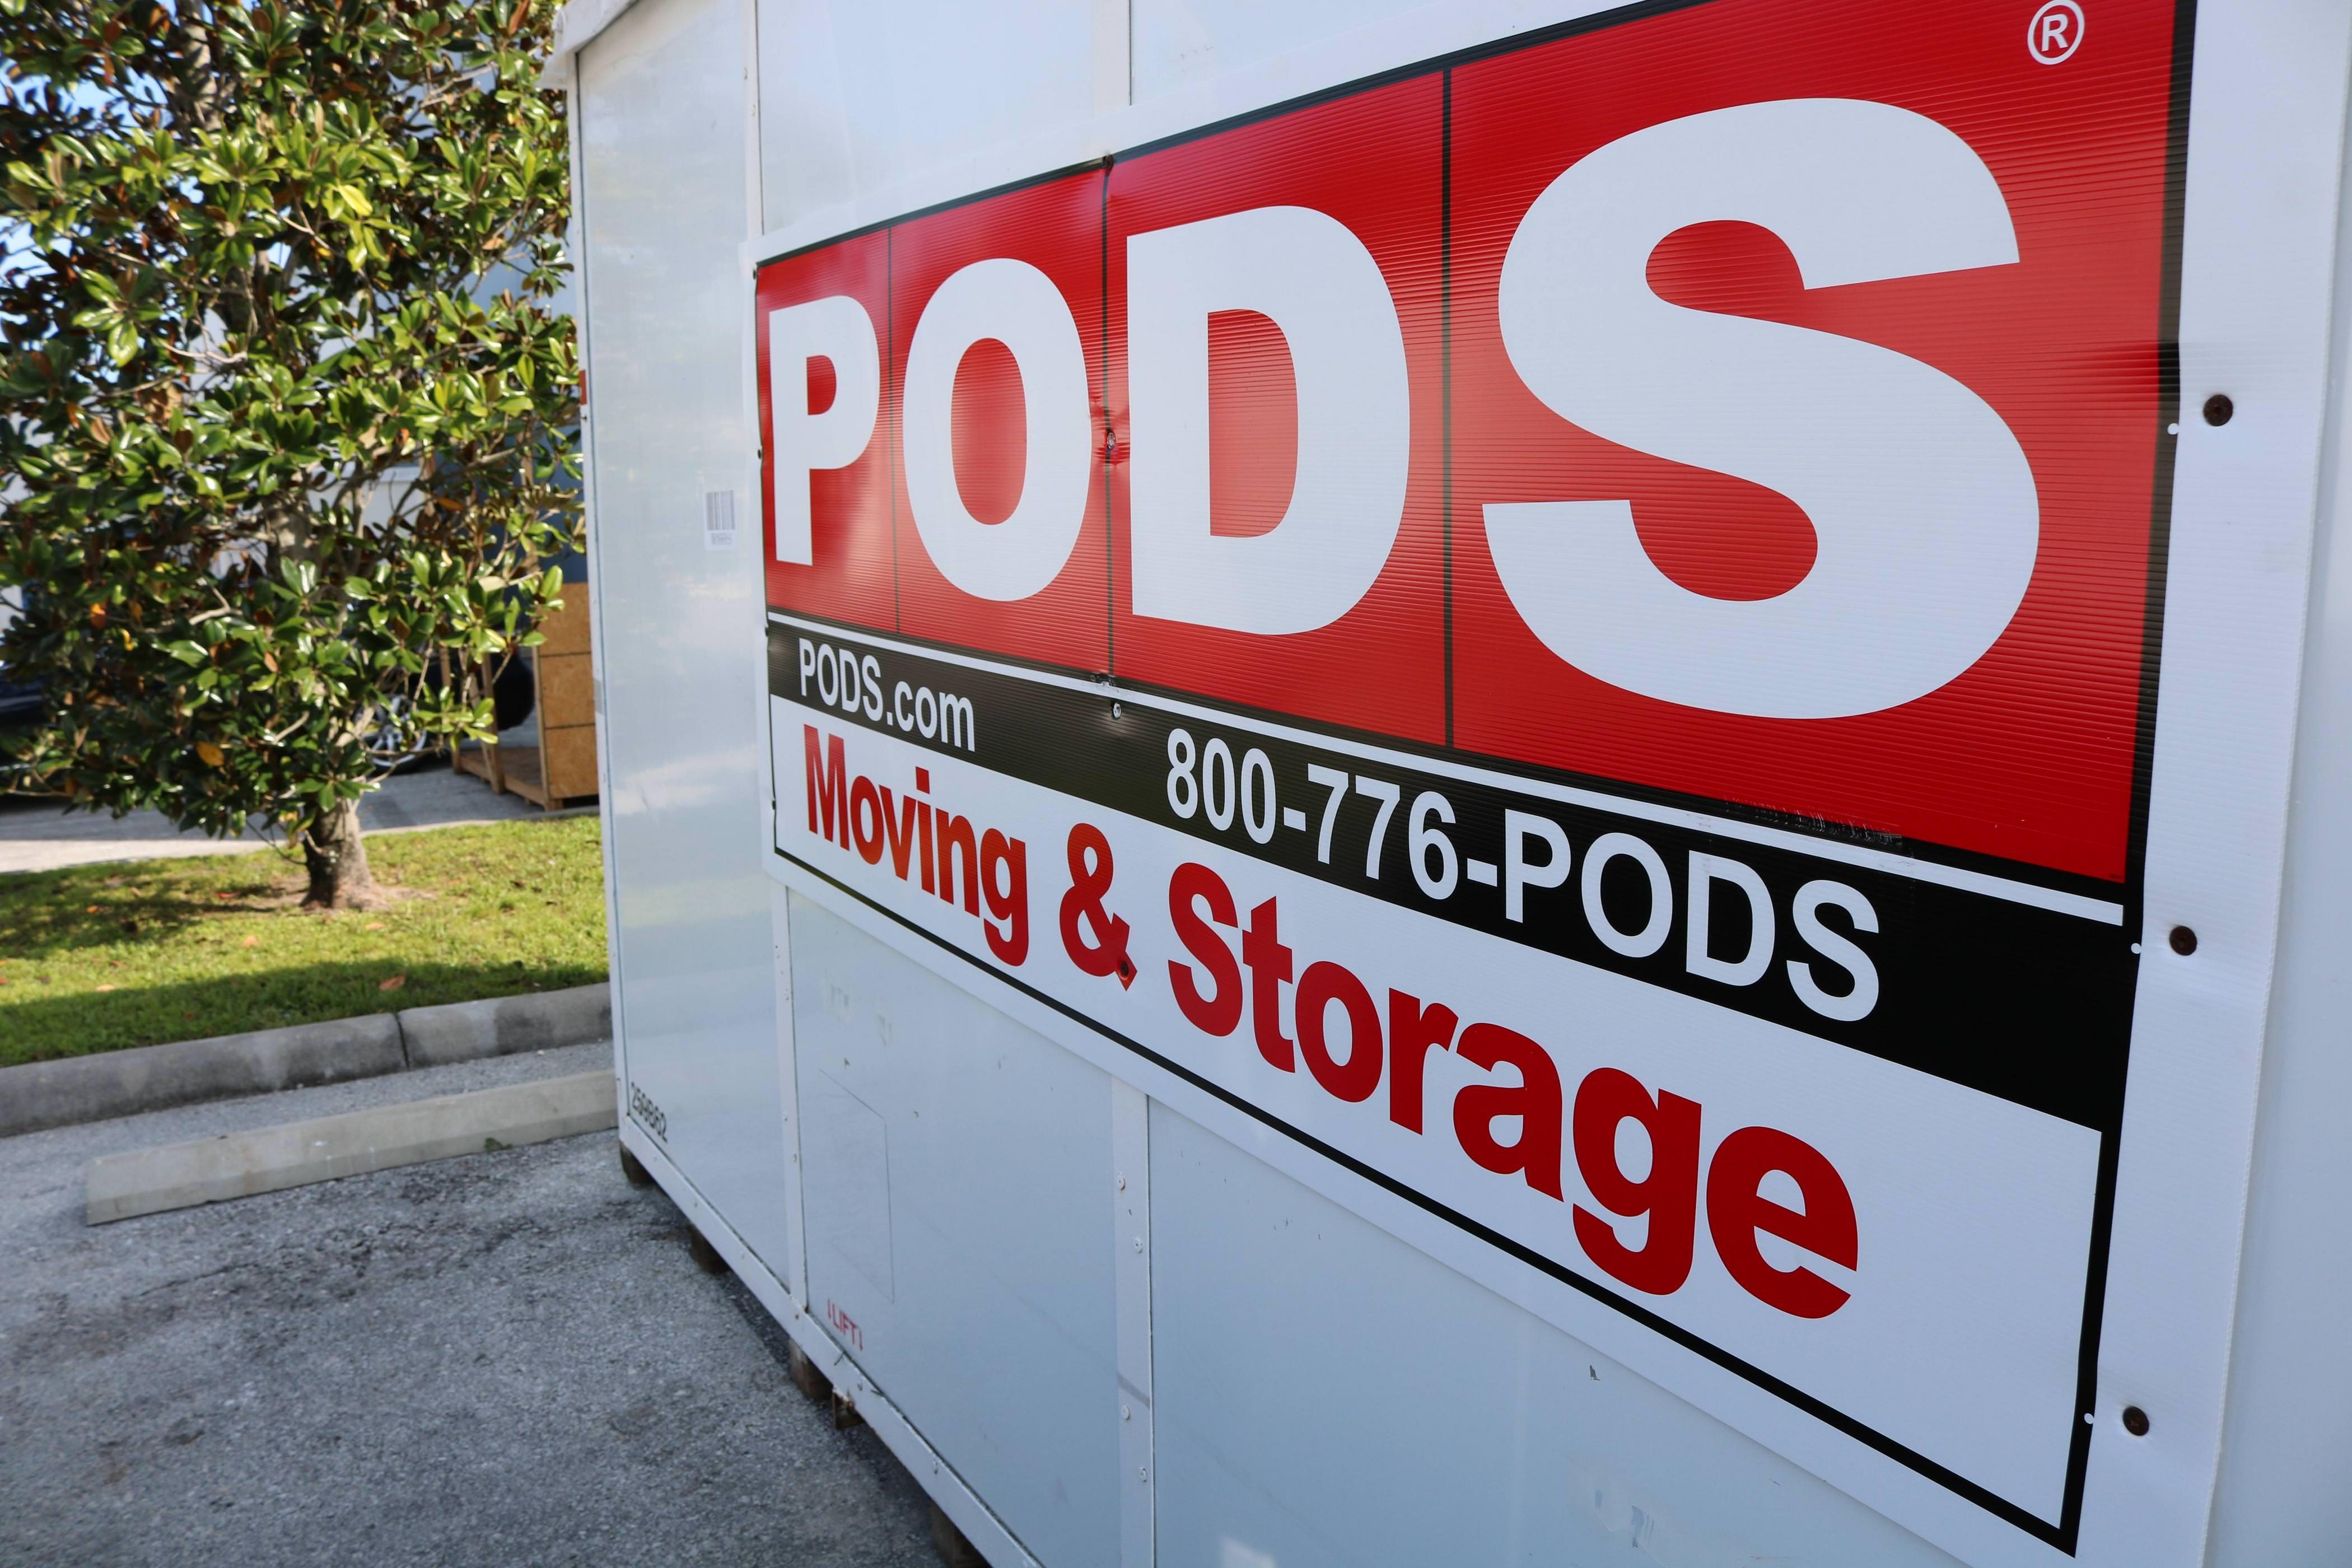 PODS - Hattiesburg, MS